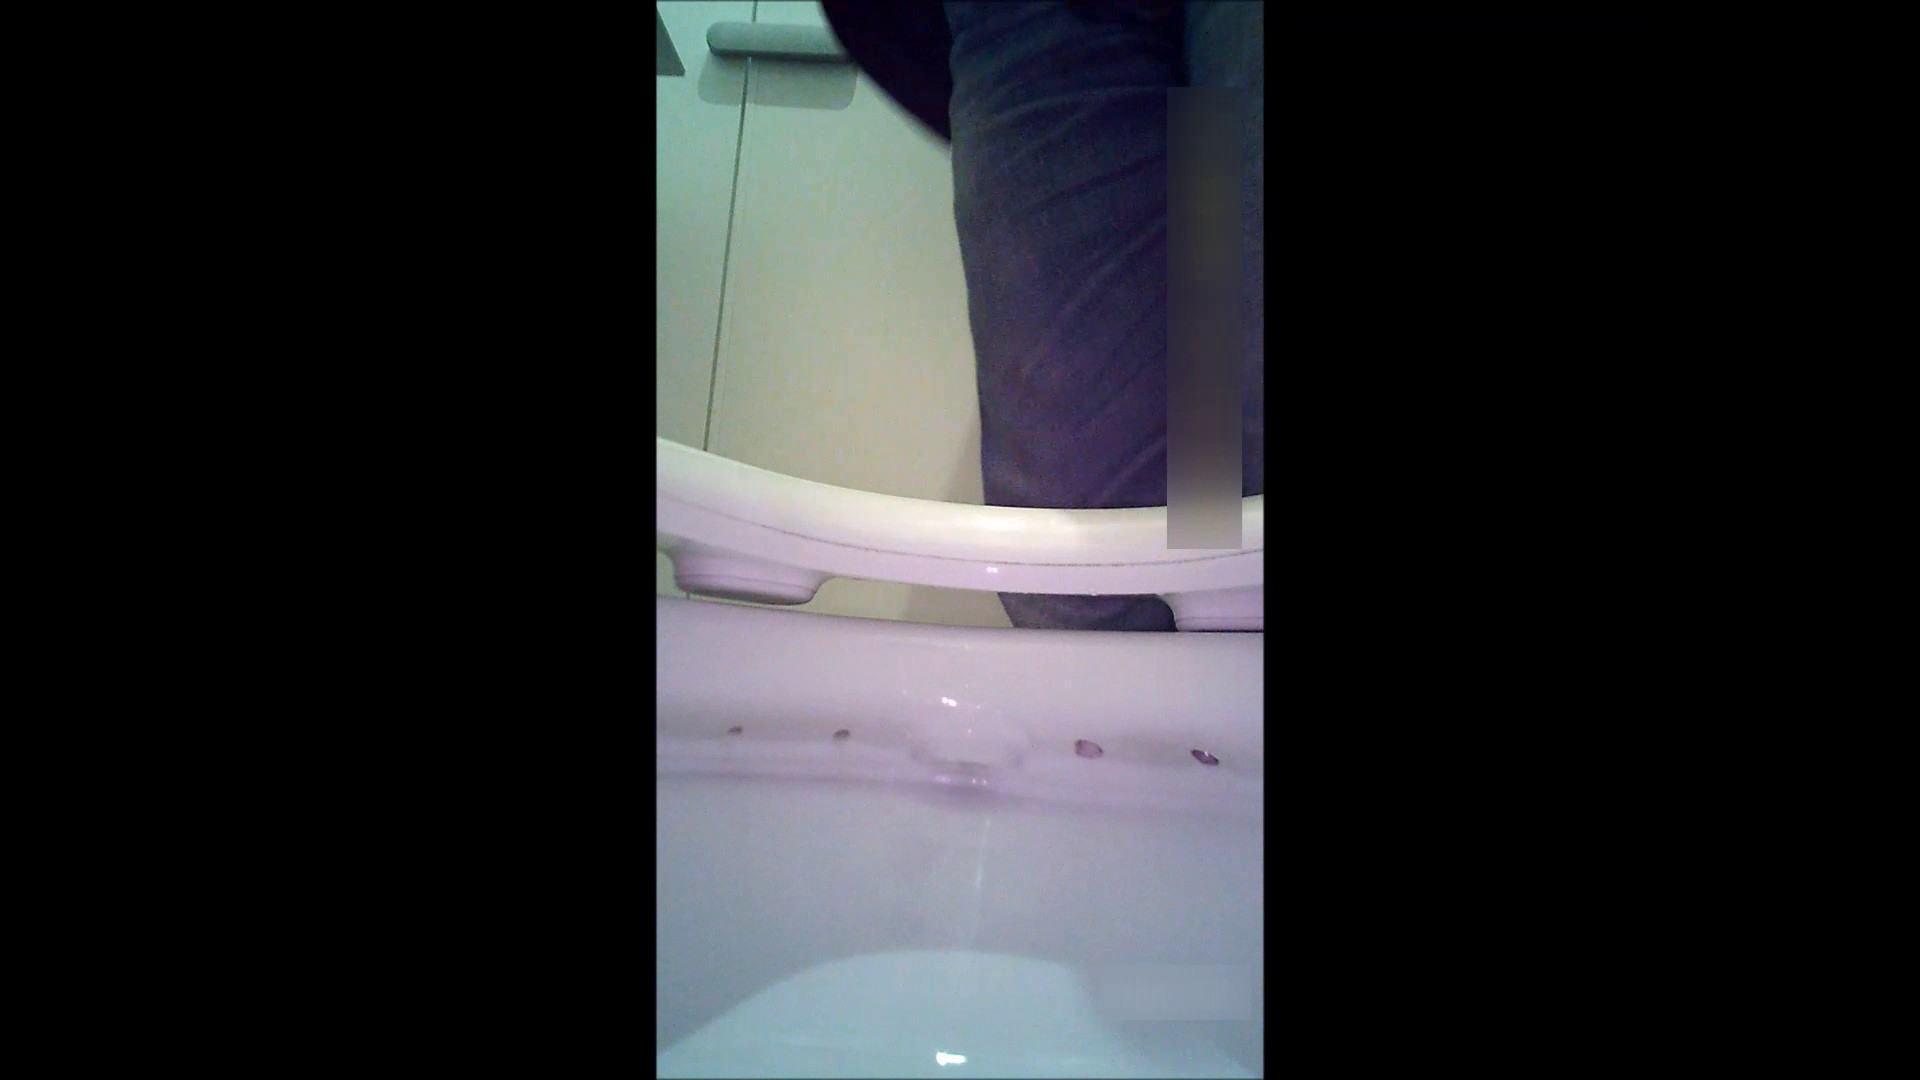 キレカワ女子大生の秘密の洗面所!Vol.051 OLの実態 のぞきエロ無料画像 94pic 66